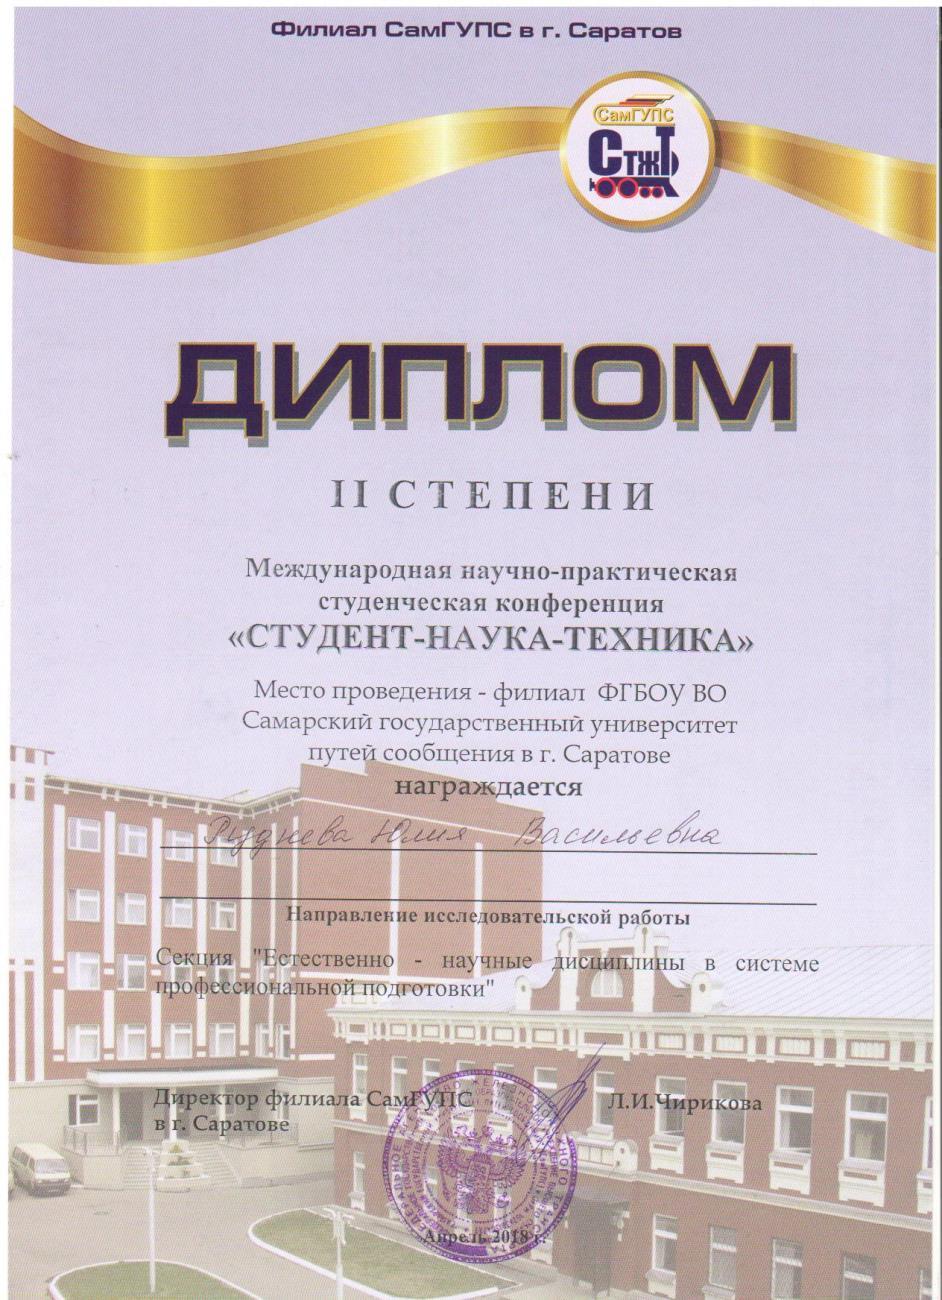 http://politehnikum-eng.ru/2018/04_18/43.jpg